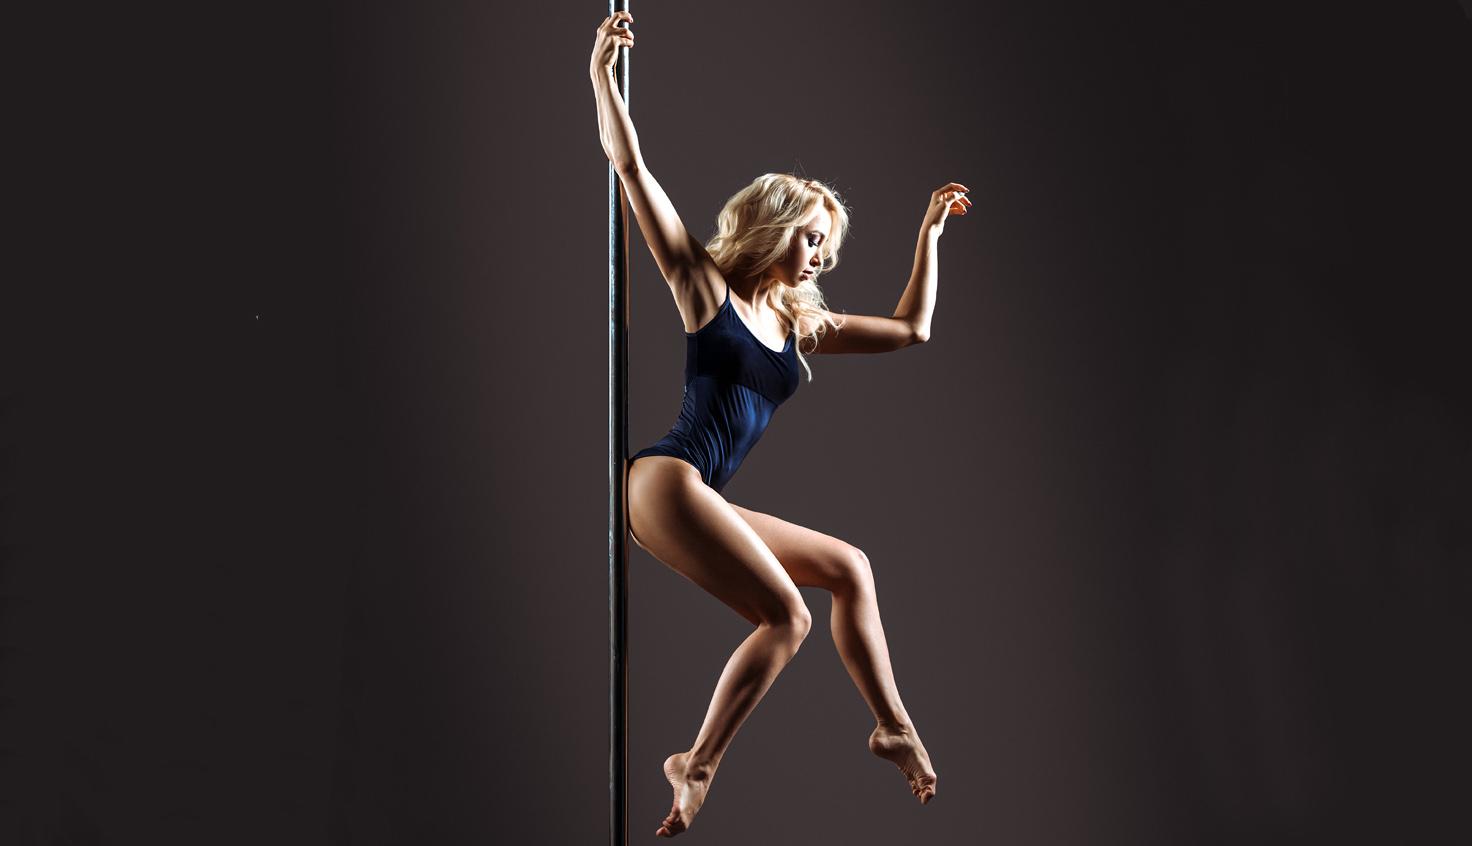 Ladies Pole Dance *POLE DYNAMIX*  Pole Fitness Crop Top.Blue Avatar